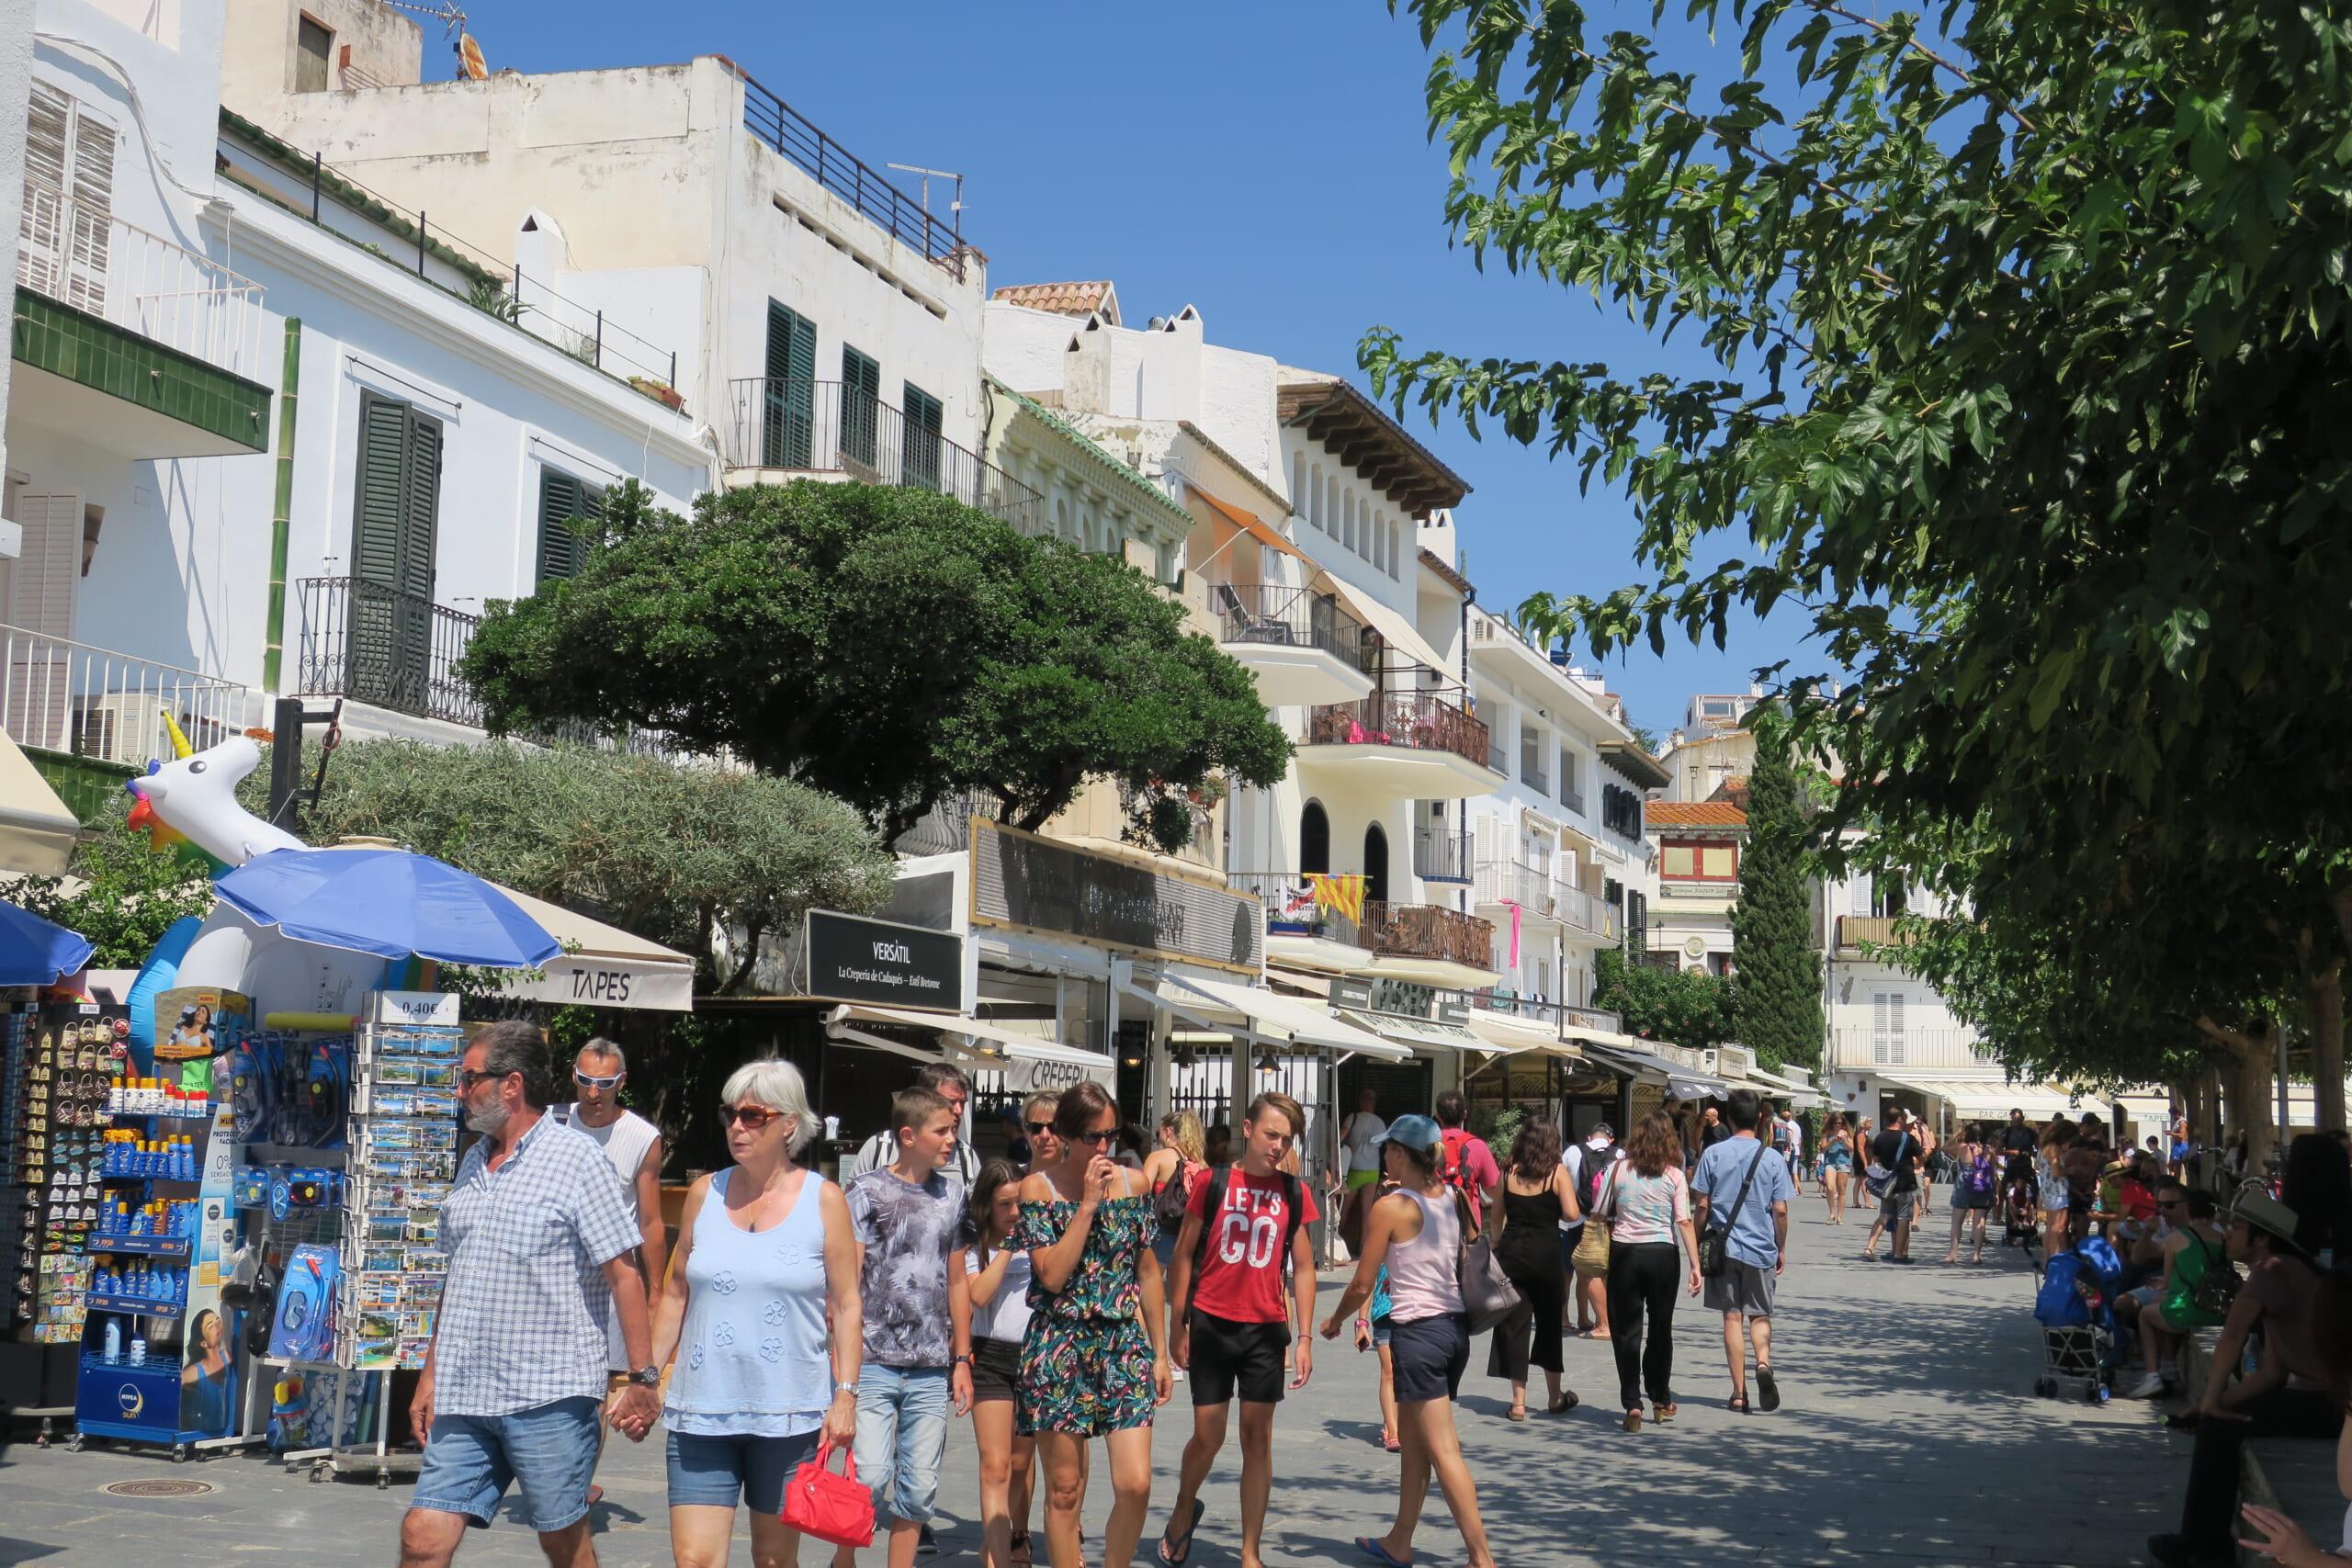 北スペインの観光スポットであるカタルーニャ州カダケス